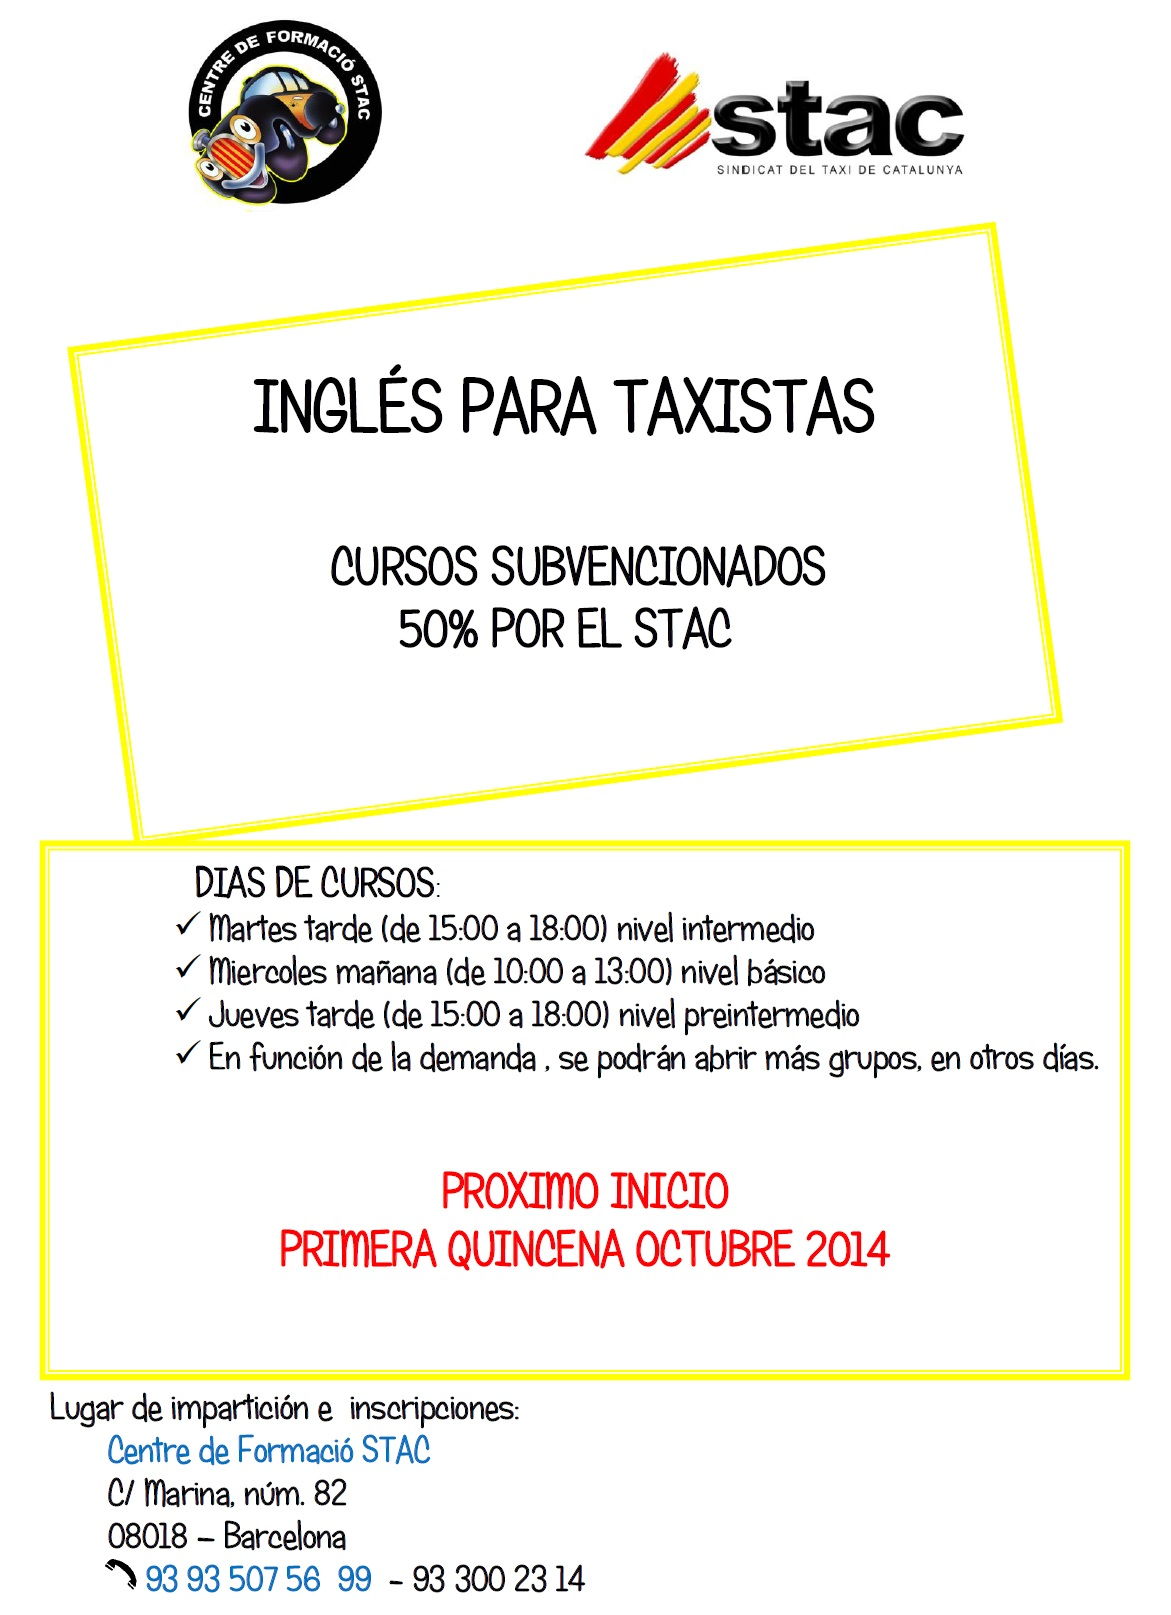 Cursos de inglés para taxistas, subvencionados 50% por el STAC – OCTUBRE 2014